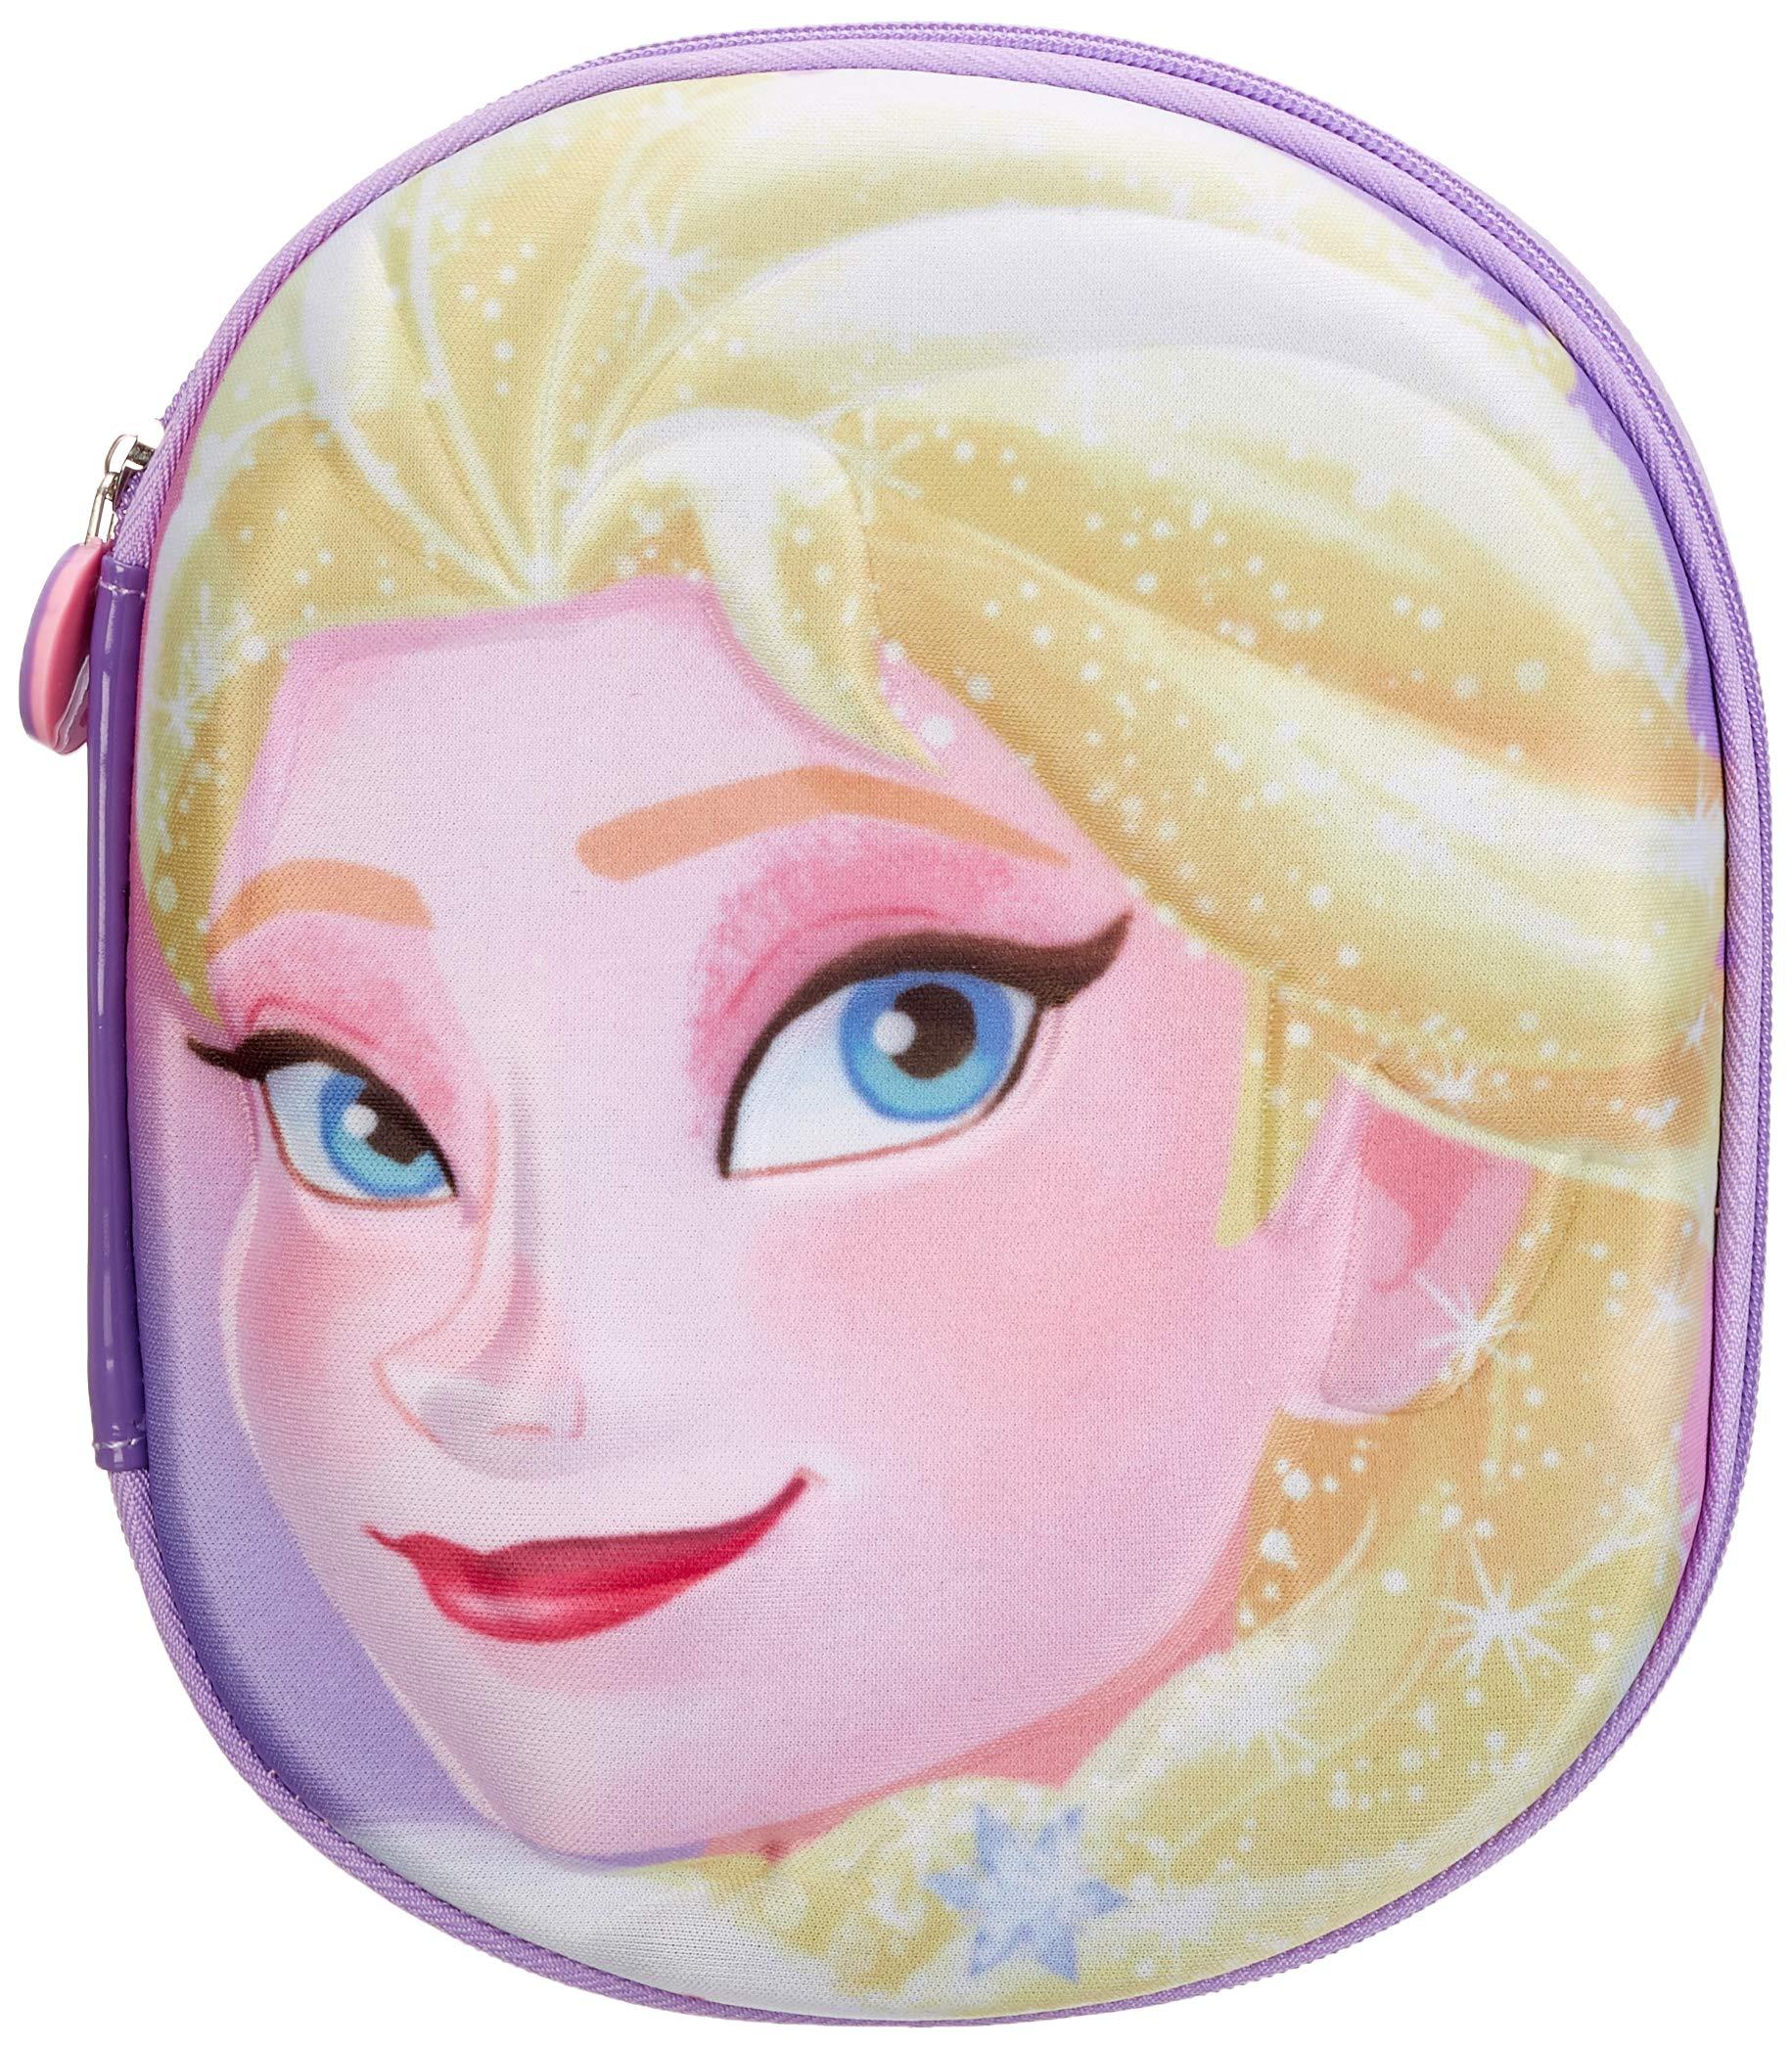 Disney-2700000217 Frozen Plumier, Multicolor, 24 cm (Artesanía Cerdá CD-27-0217)